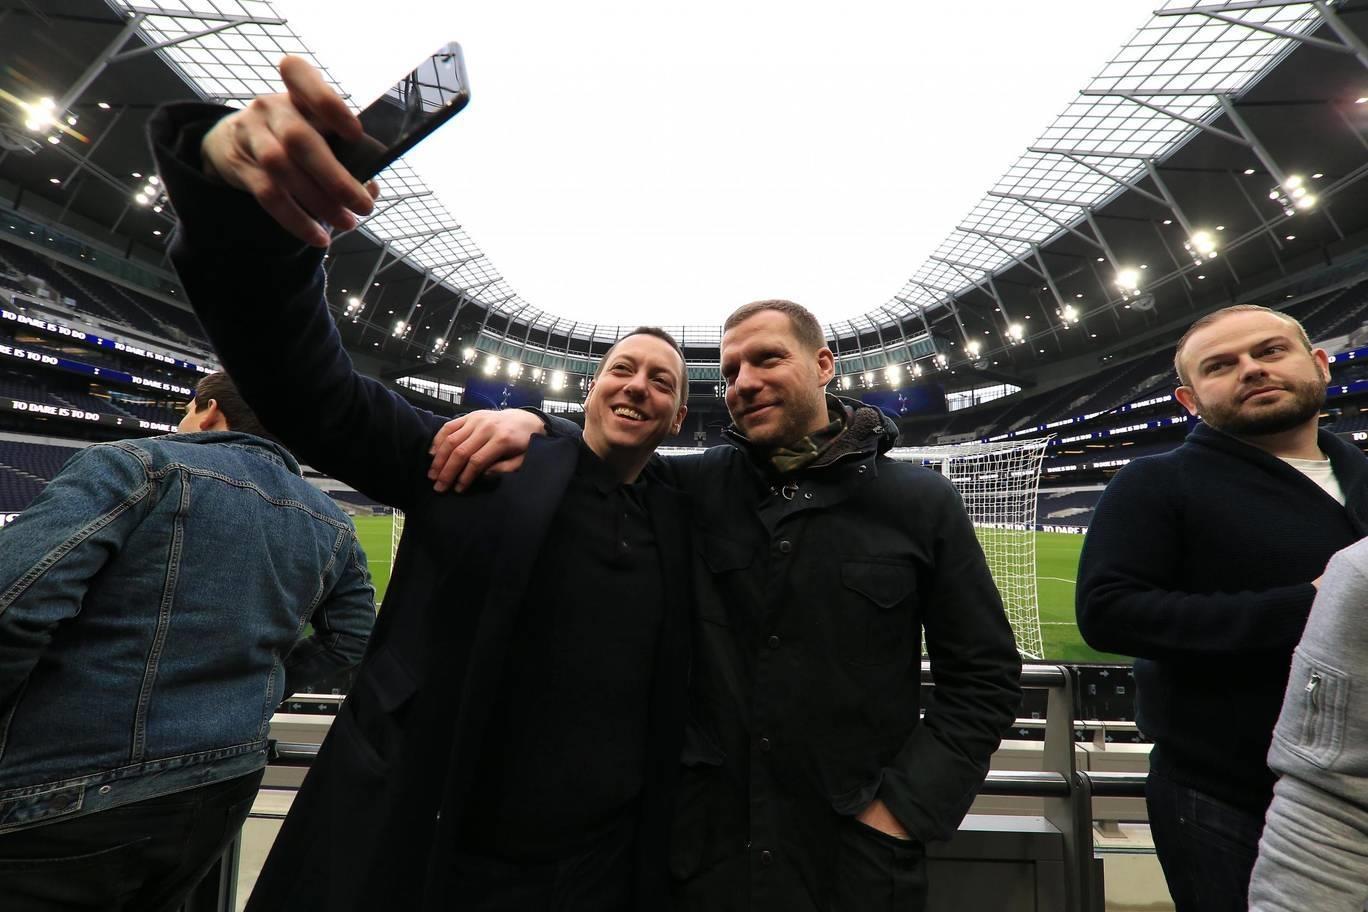 Sieu san van dong moi cua Tottenham Hotspur hinh anh 6